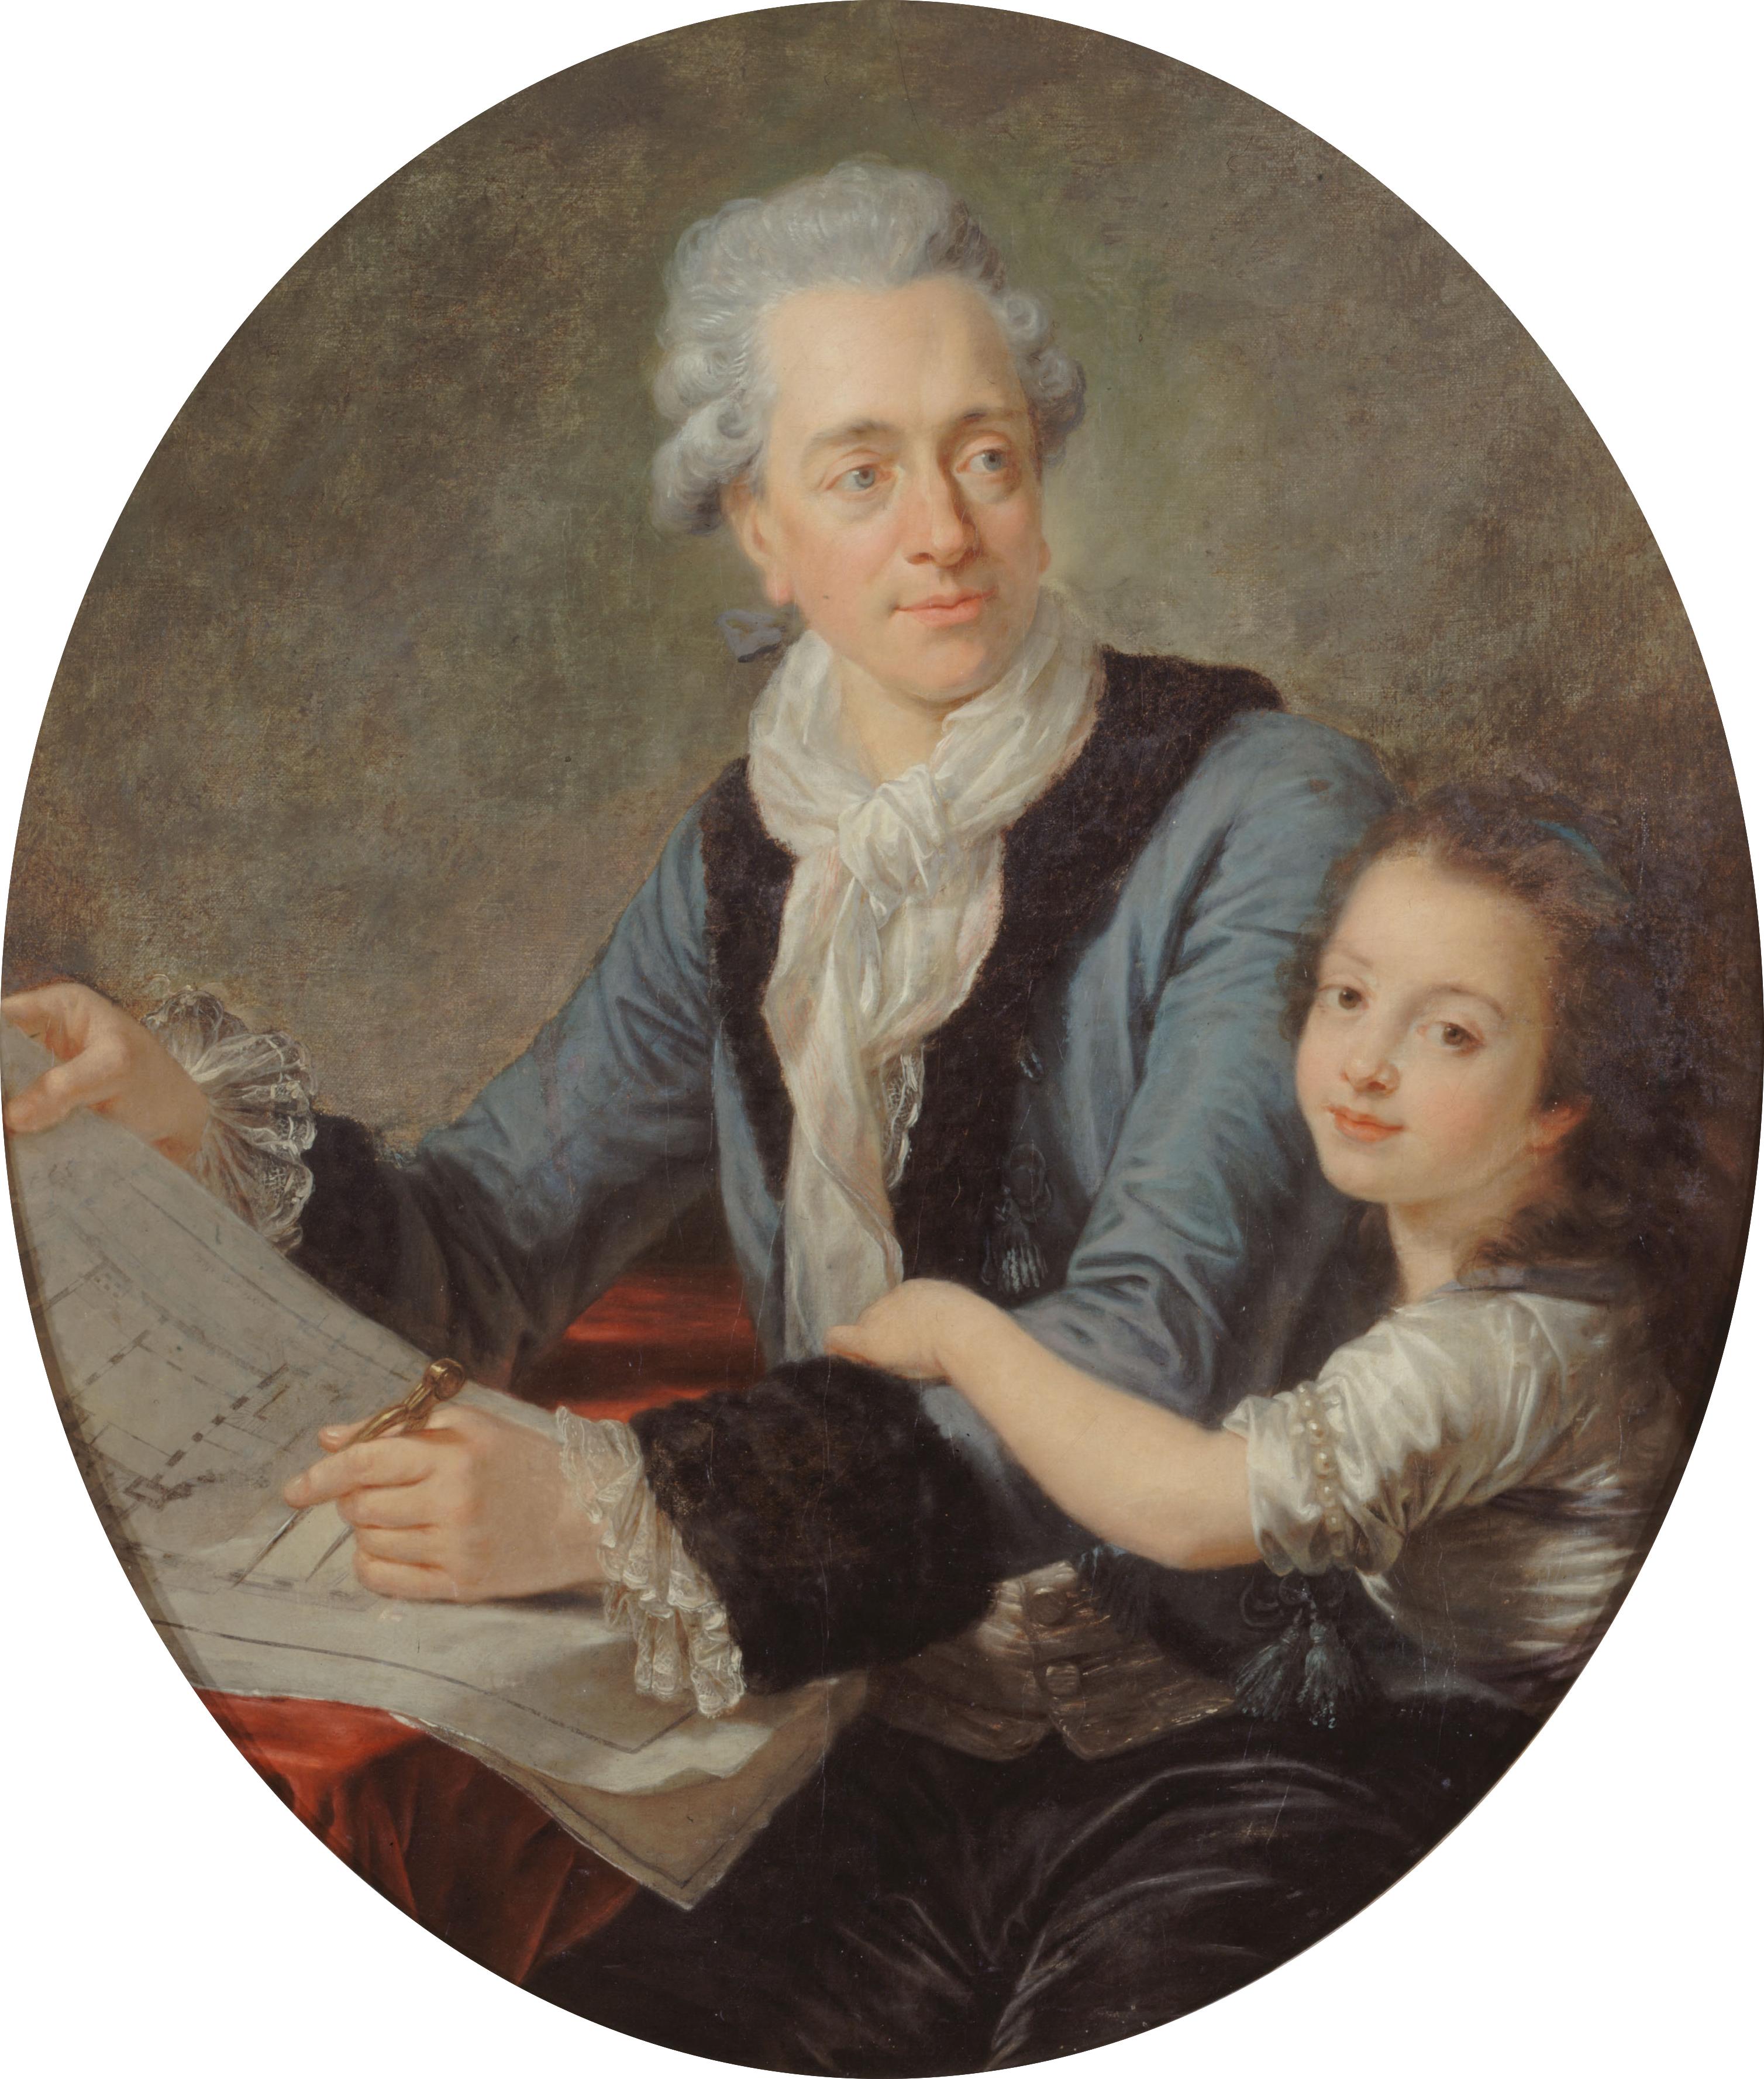 File:Ledoux portrait.jpg